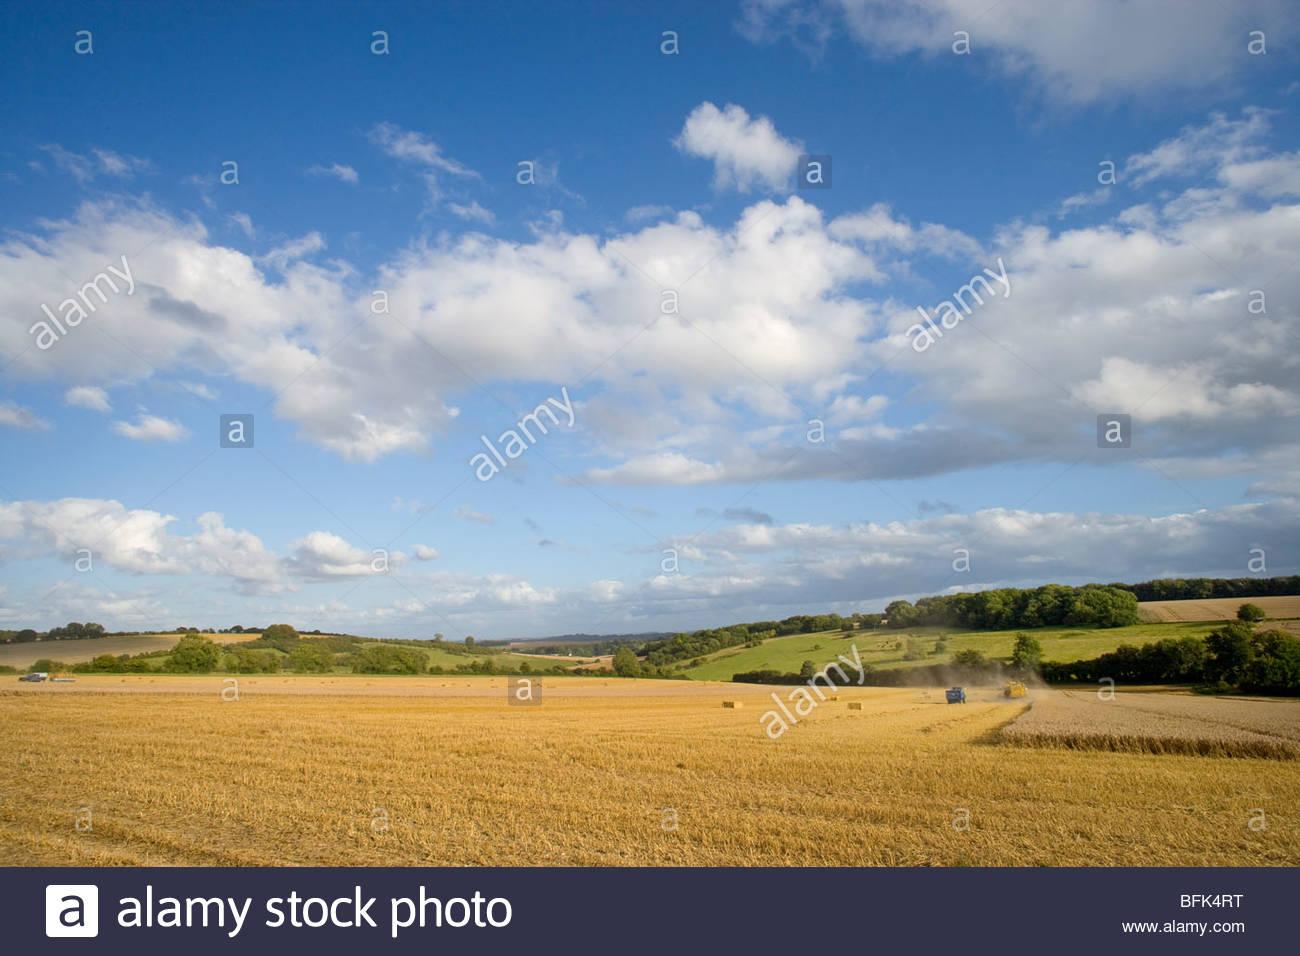 Wolken am blauen Himmel über sonnige Weizen Feld geerntet Stockbild